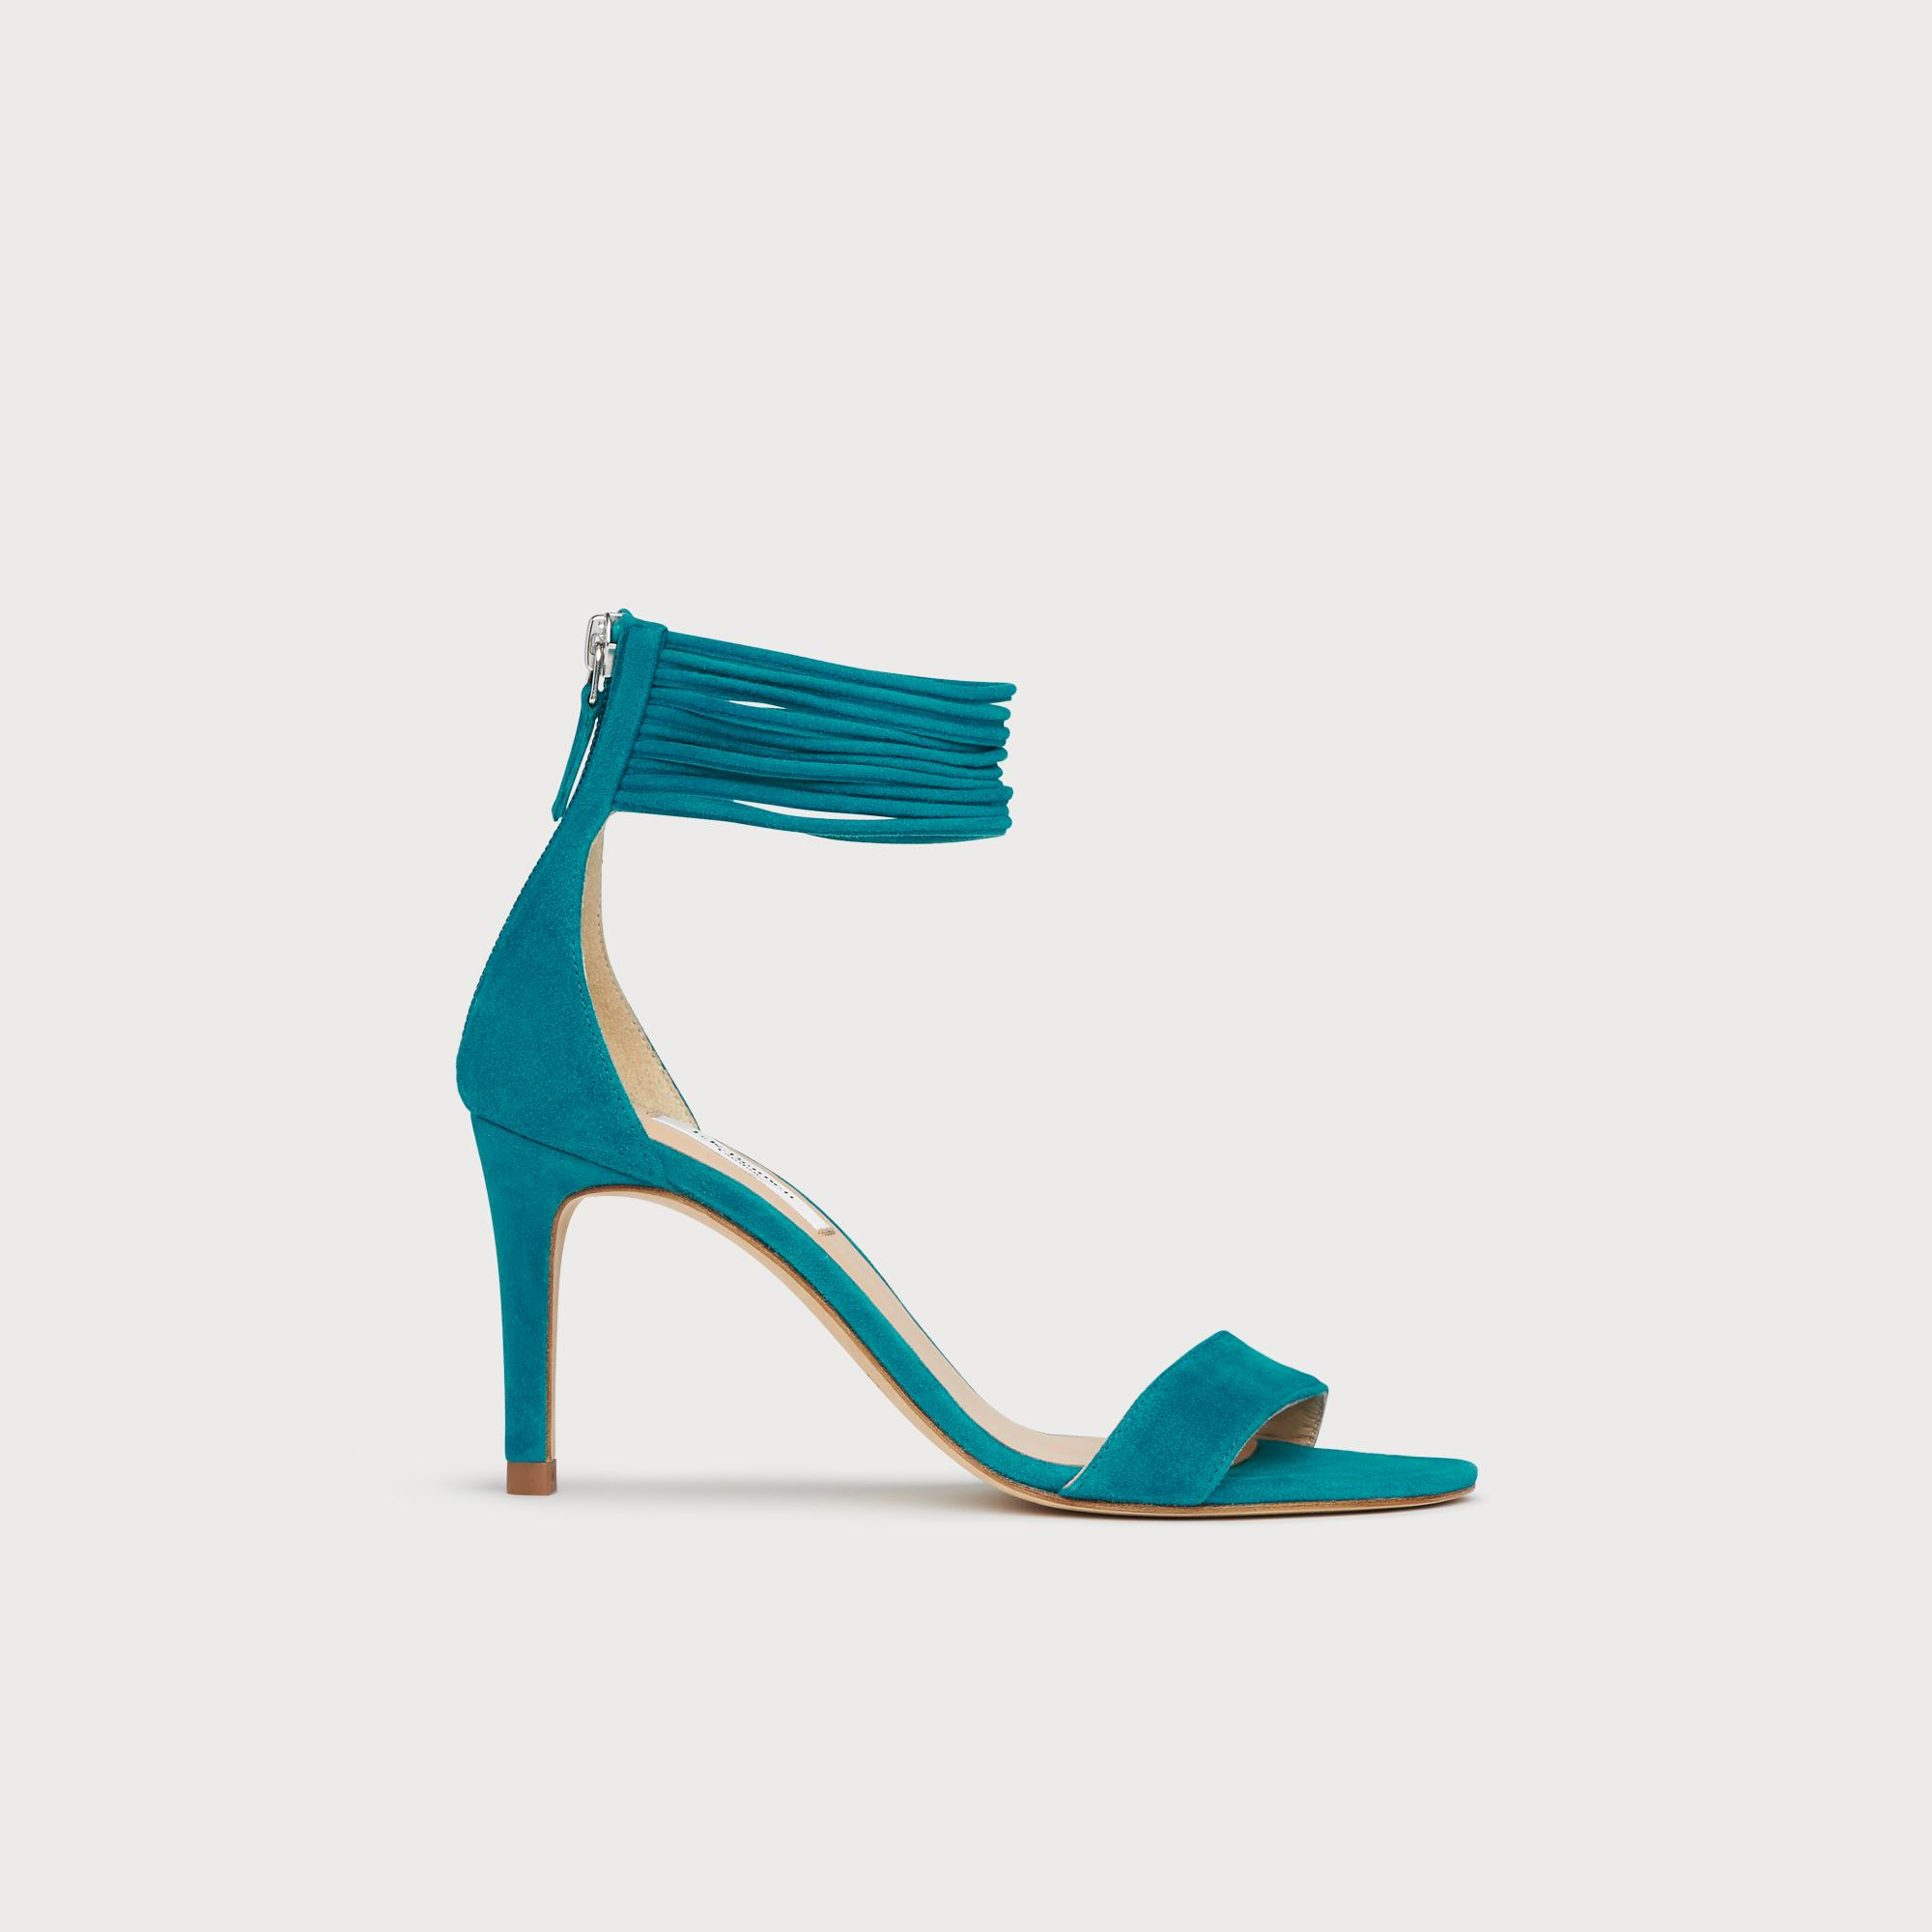 73f40b3810b Tiffany Blue Suede Spaghetti Strap Sandals